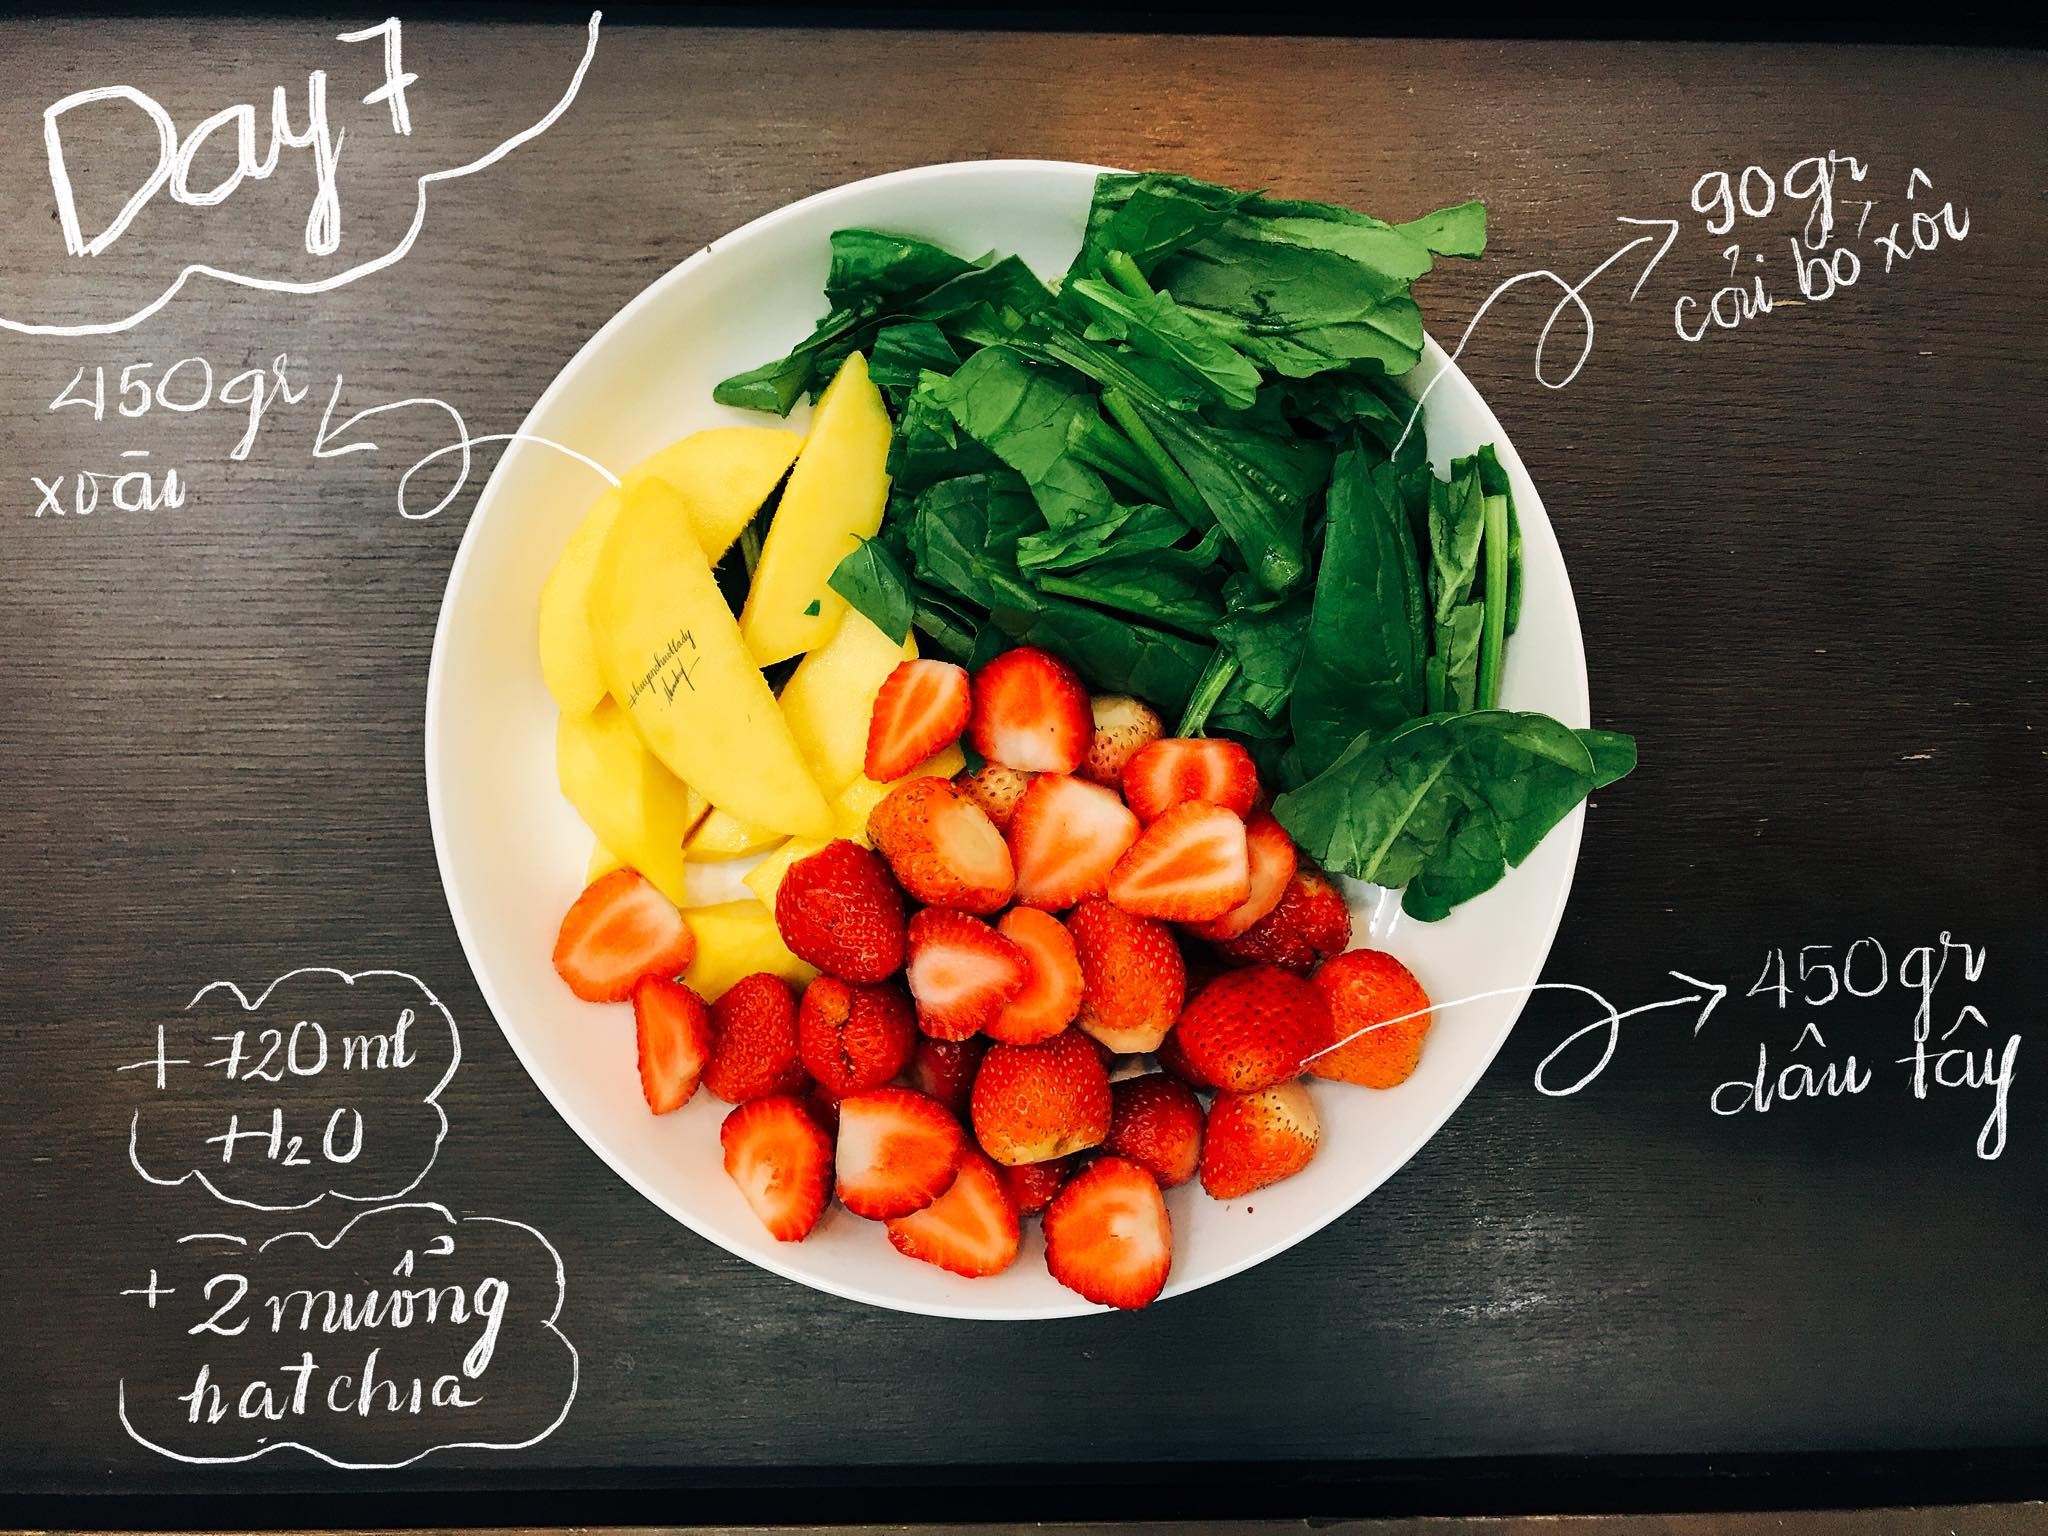 07 thử thách 12 ngày detox giảm cân nhanh từ 4 đến 7 kg